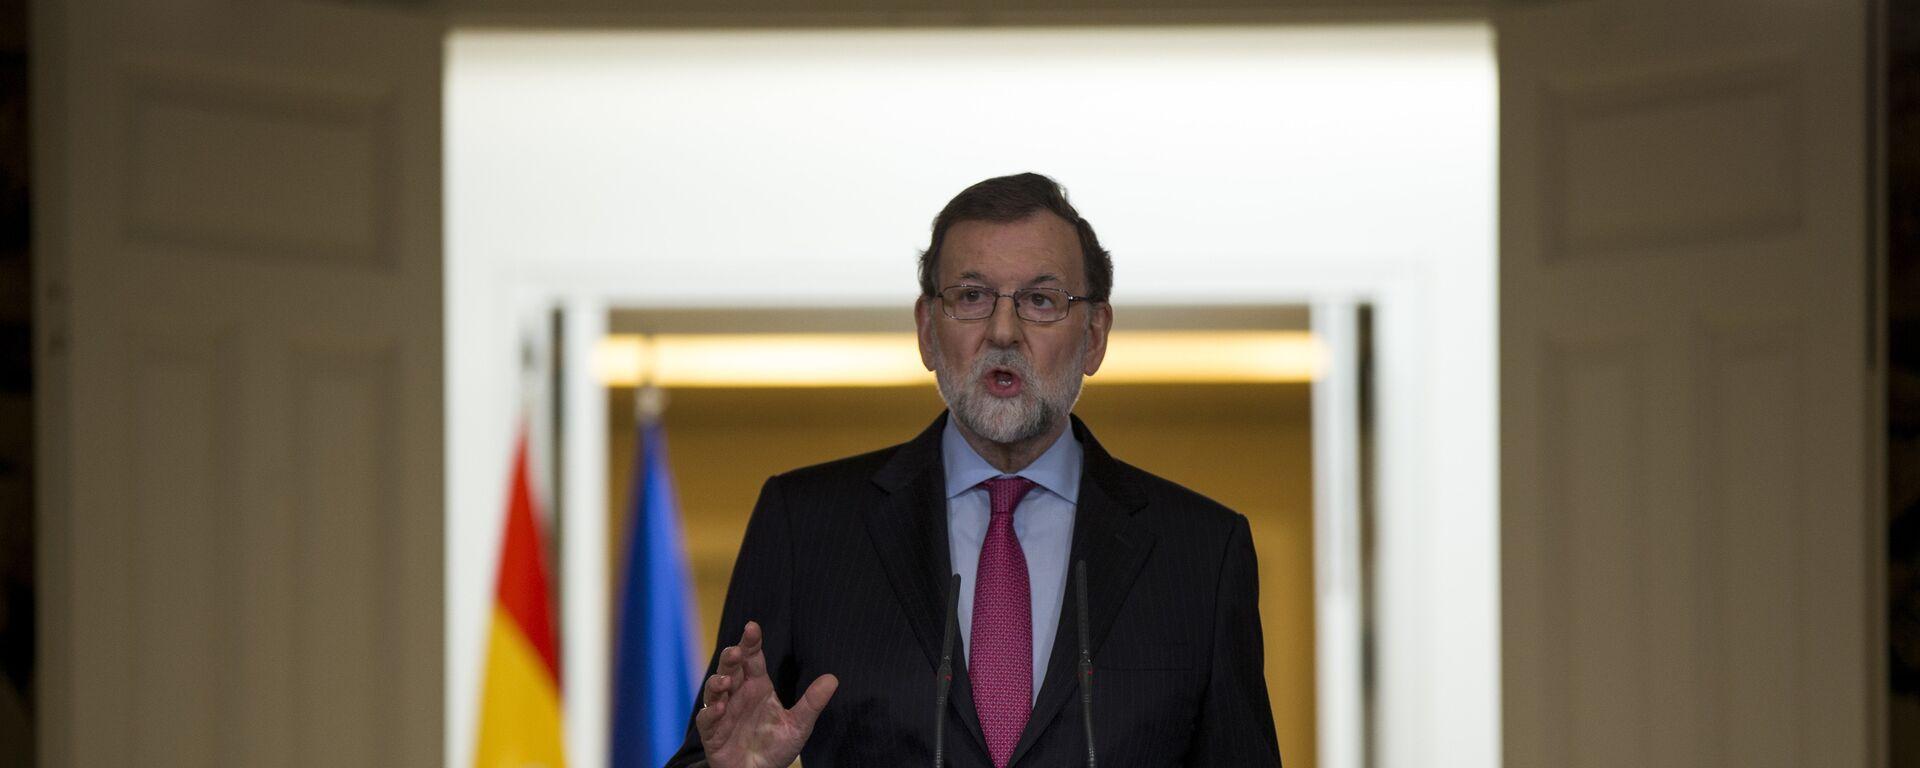 Mariano Rajoy, el presidente del Gobierno español - Sputnik Mundo, 1920, 08.02.2021